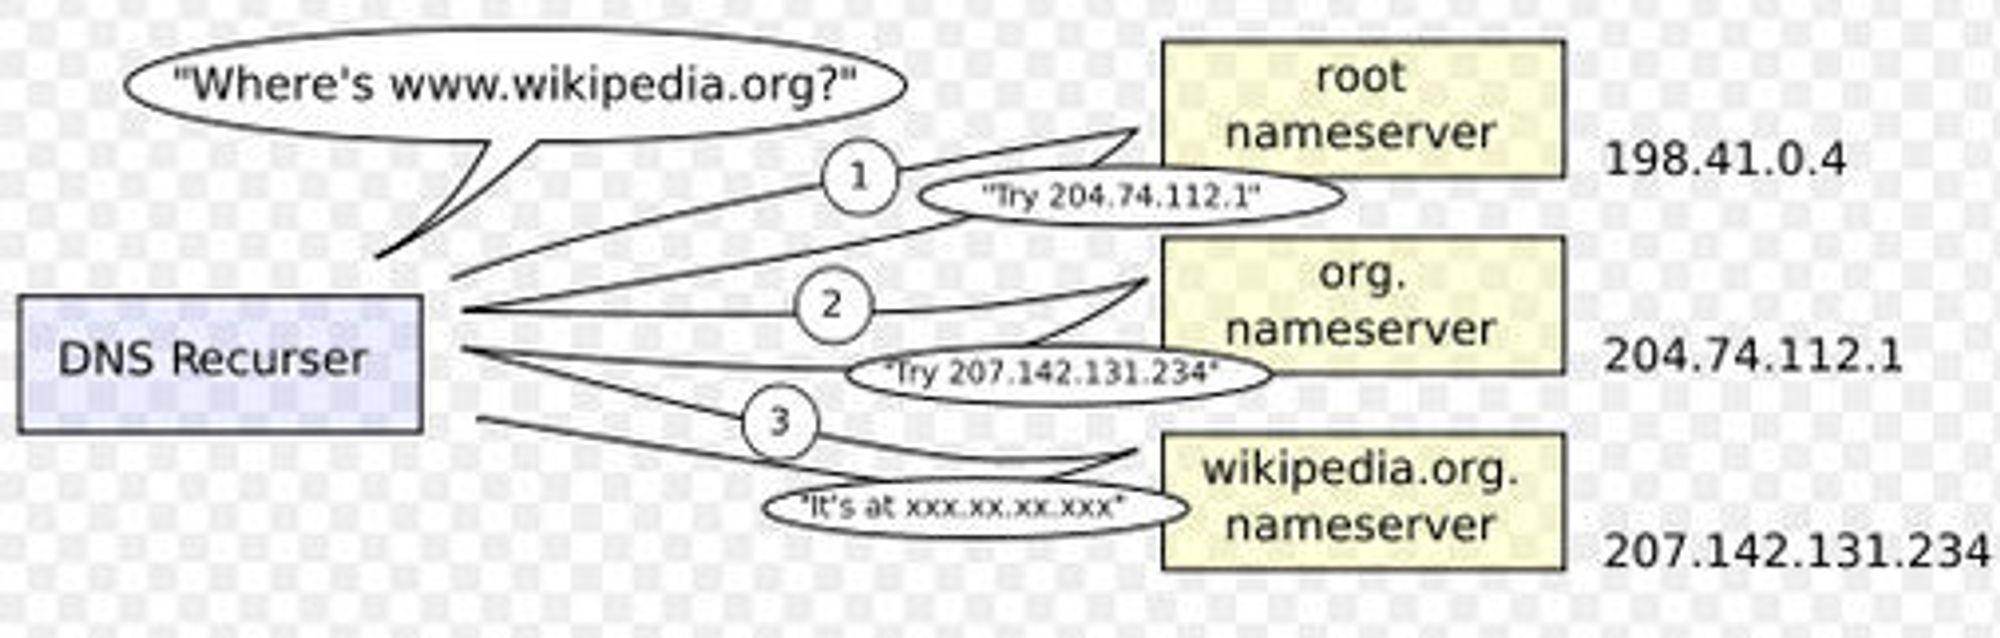 Rekursivt DNS-oppslag. Illustrasjon: Wikimedia Commons.